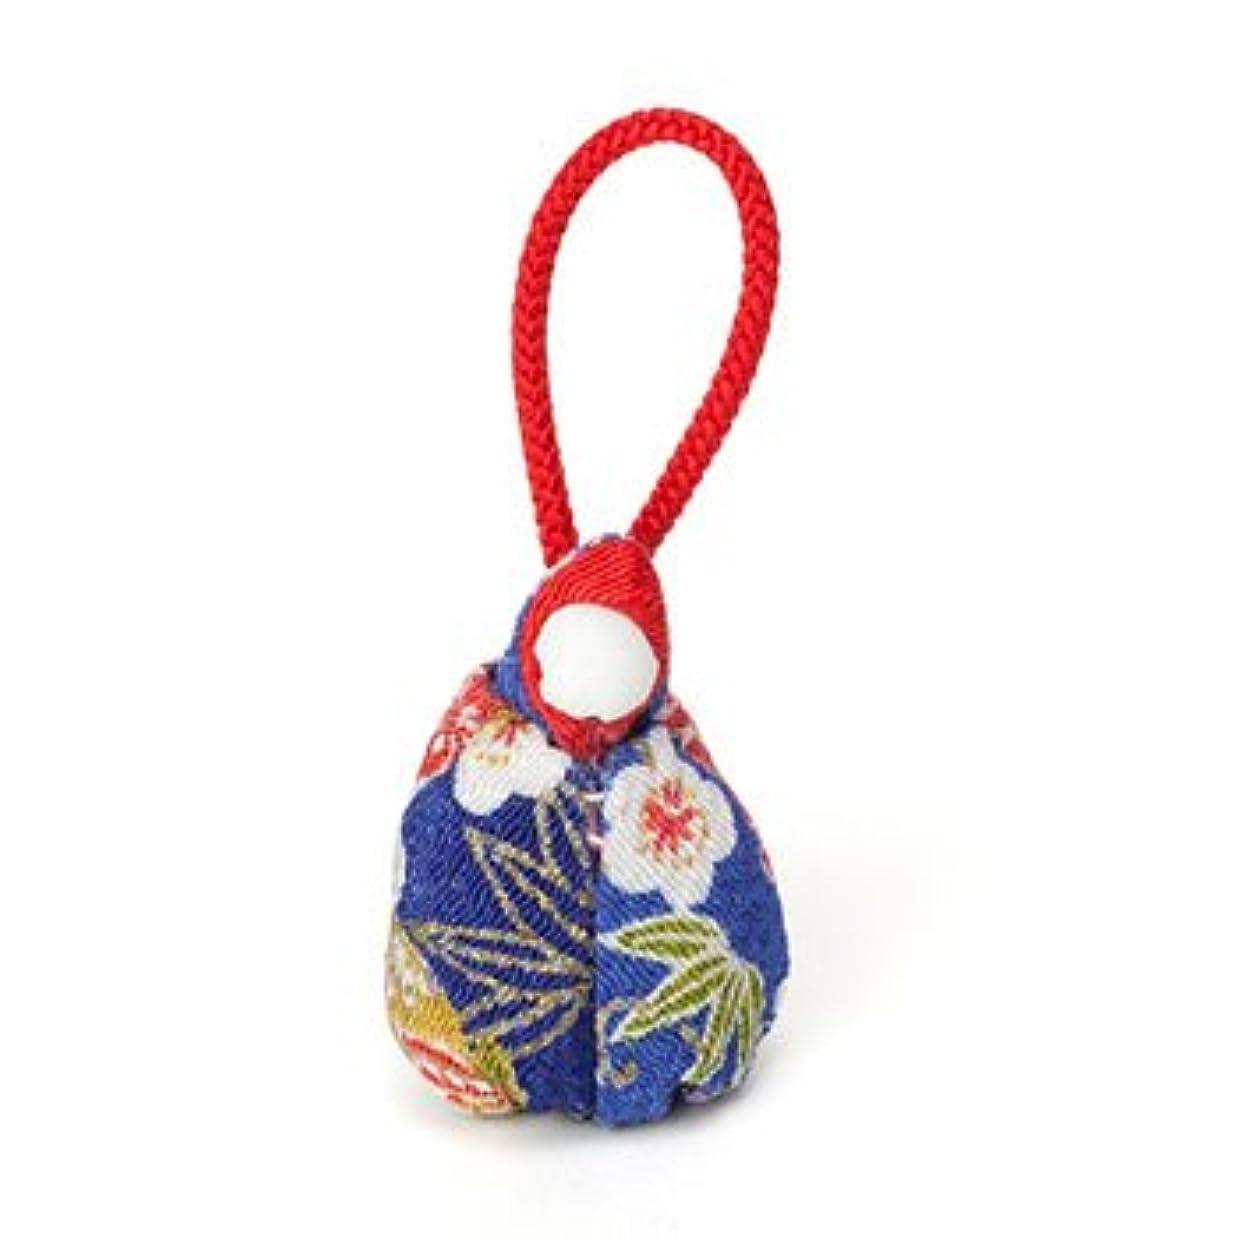 個人的にこどもの日代わりにを立てる匂い袋 誰が袖 だるまさん 1個入 ケースなし (色?柄は選べません)